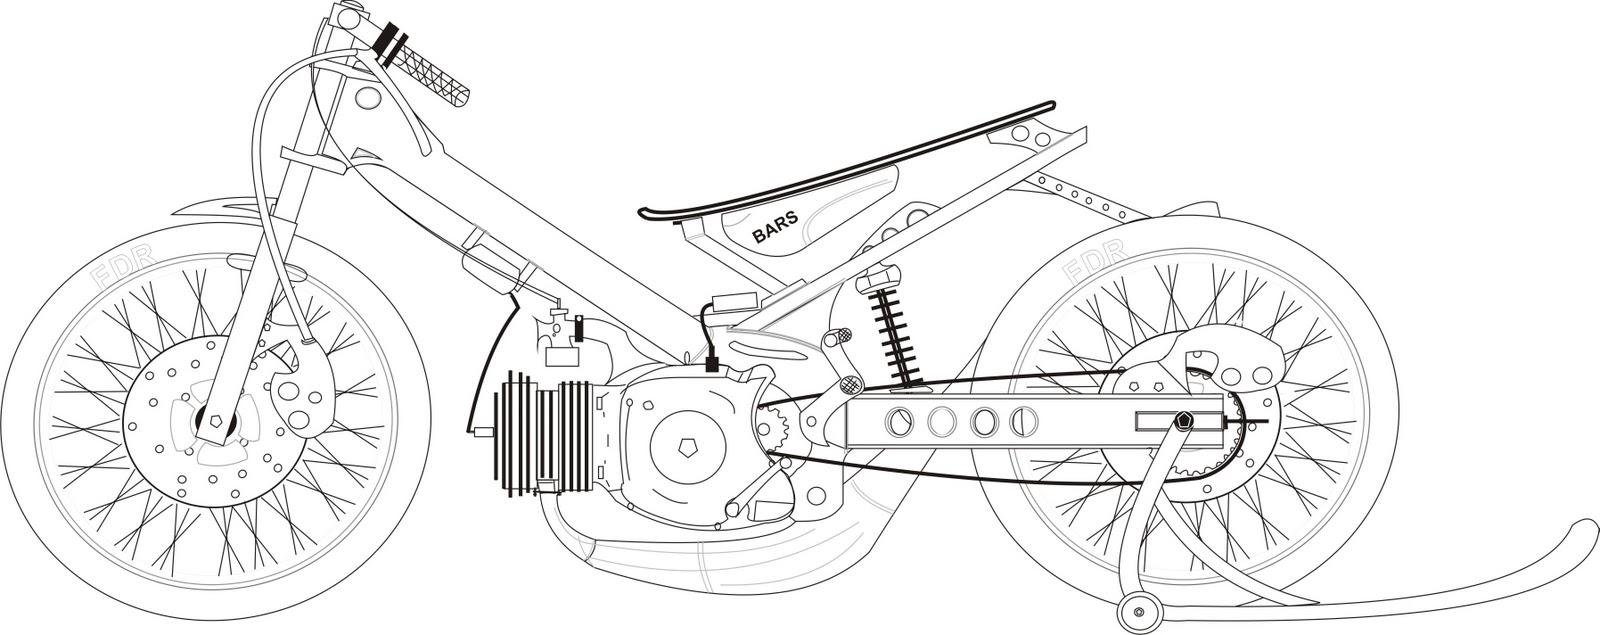 KOLEKSI DESAIN MOTOR DAN MOBIL Simple Editing